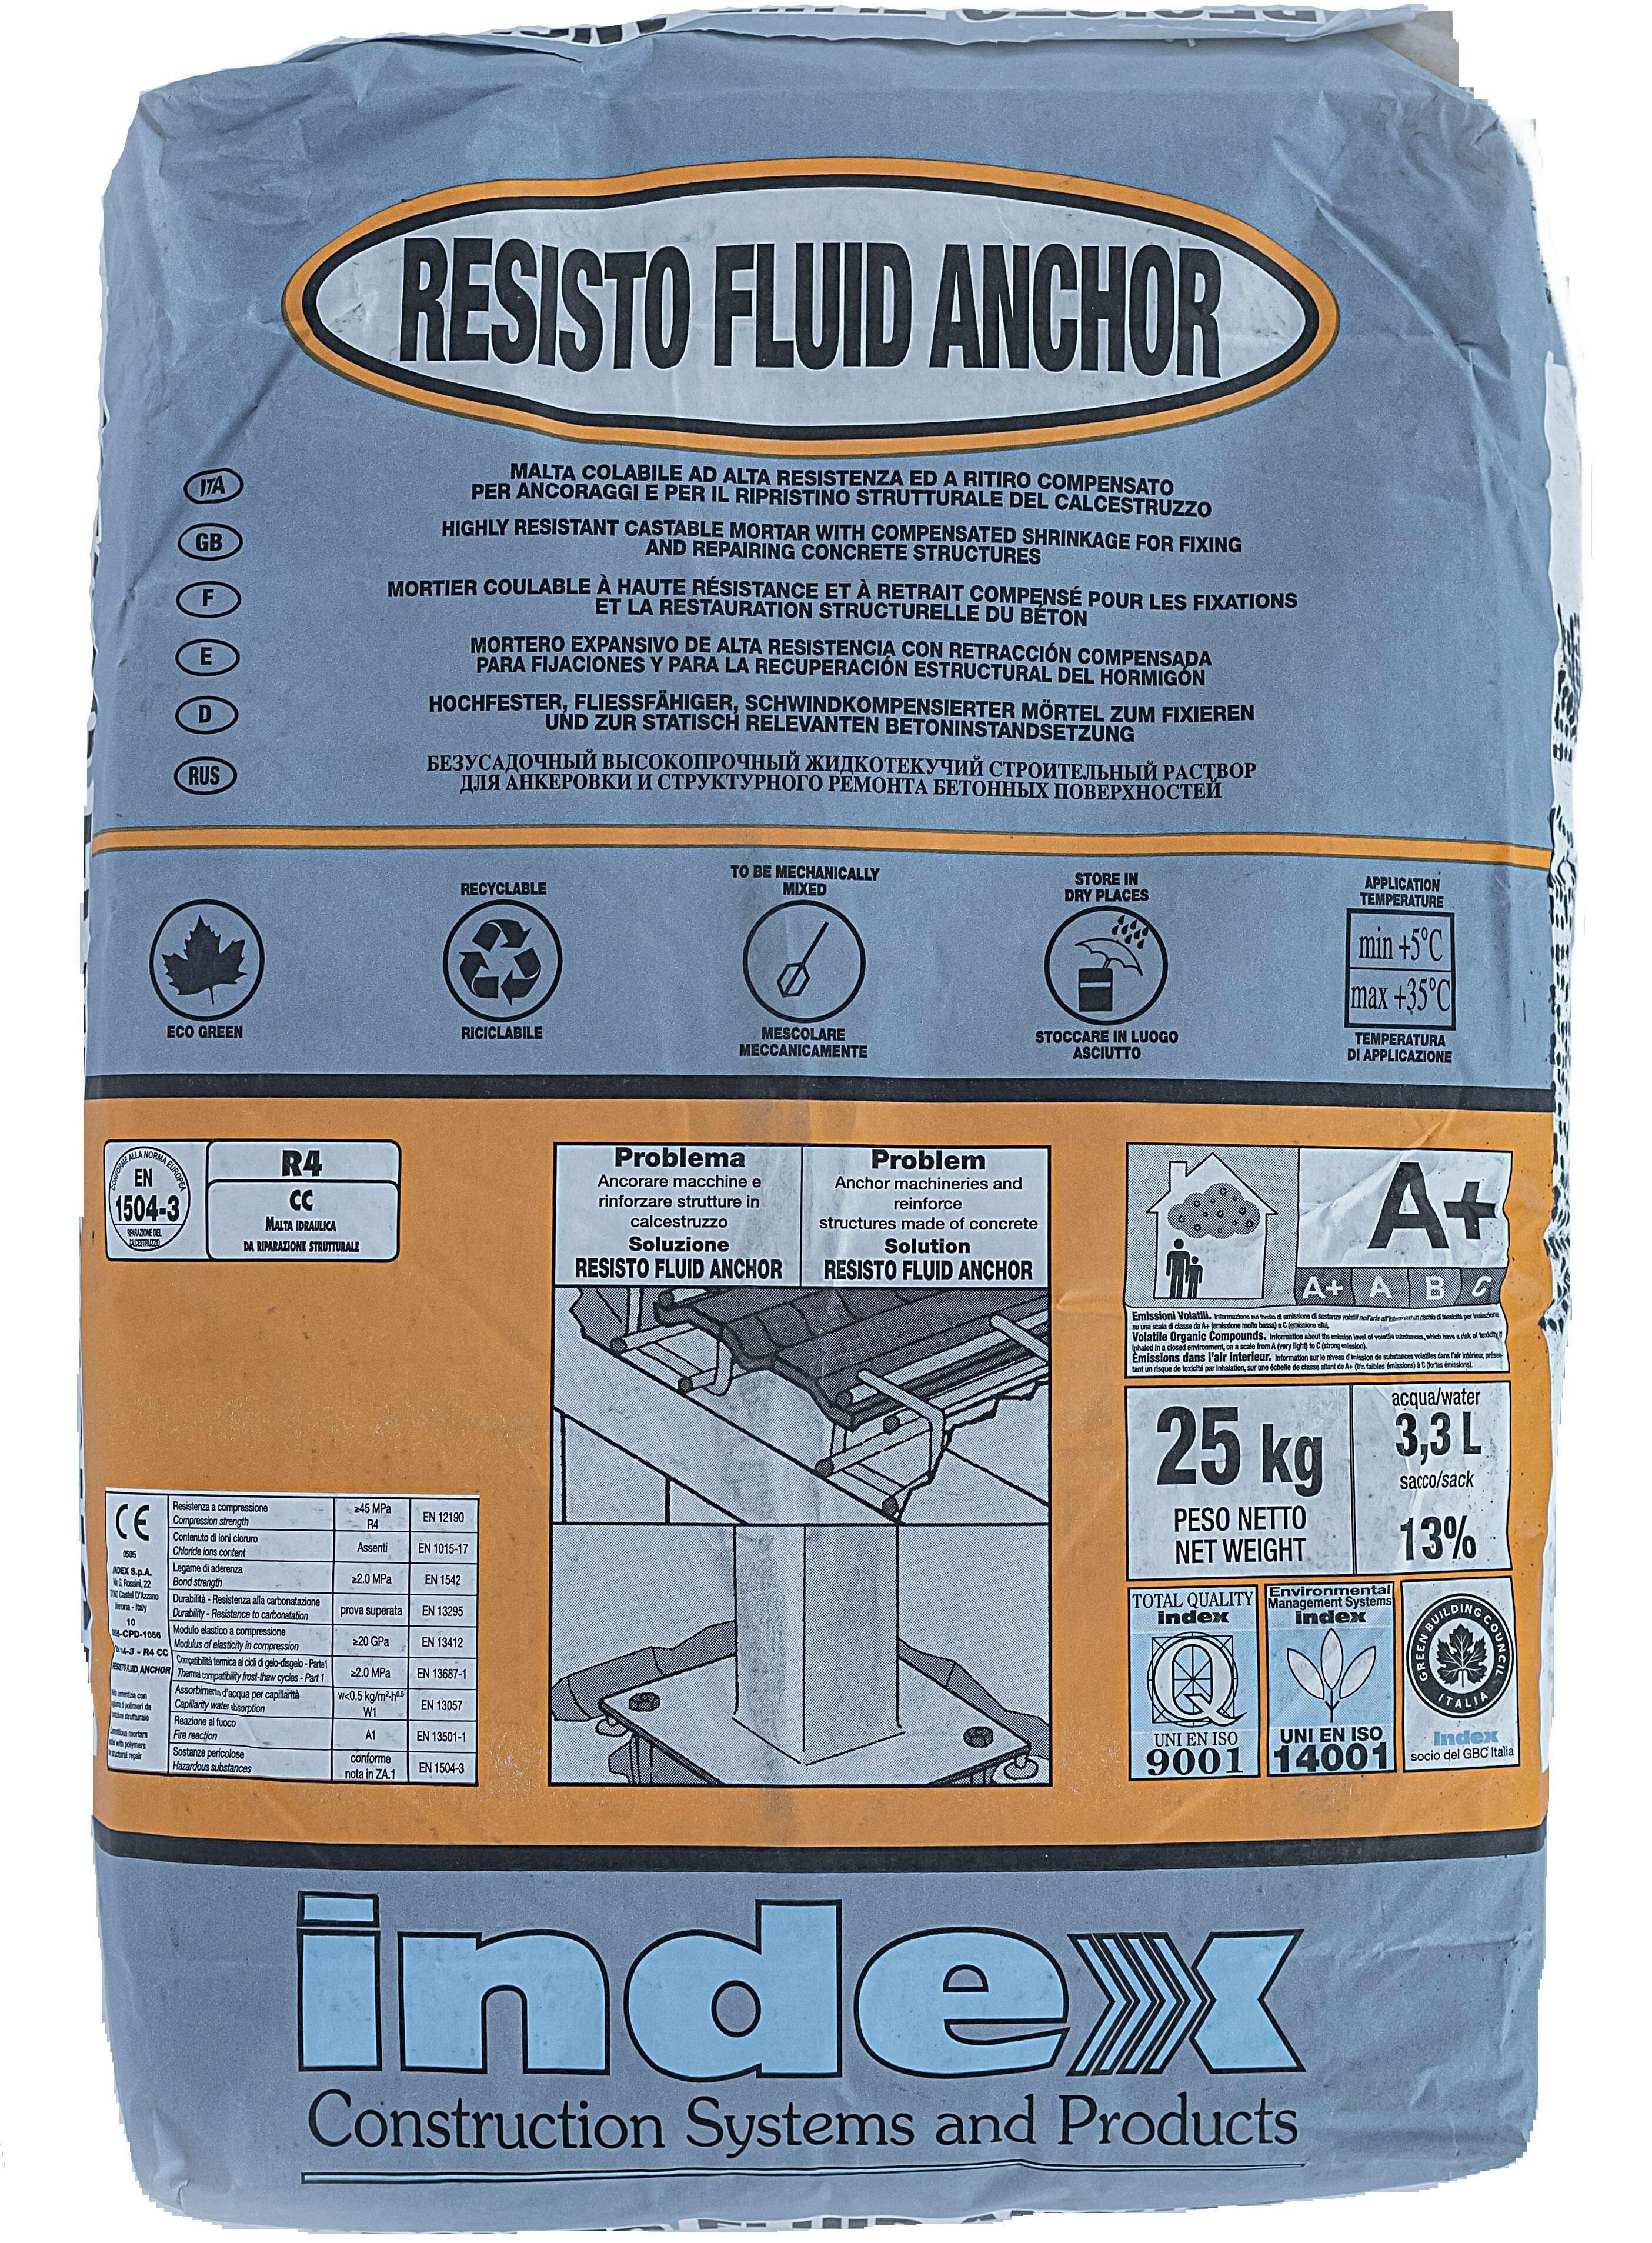 Resisto Fluid Anchor Index